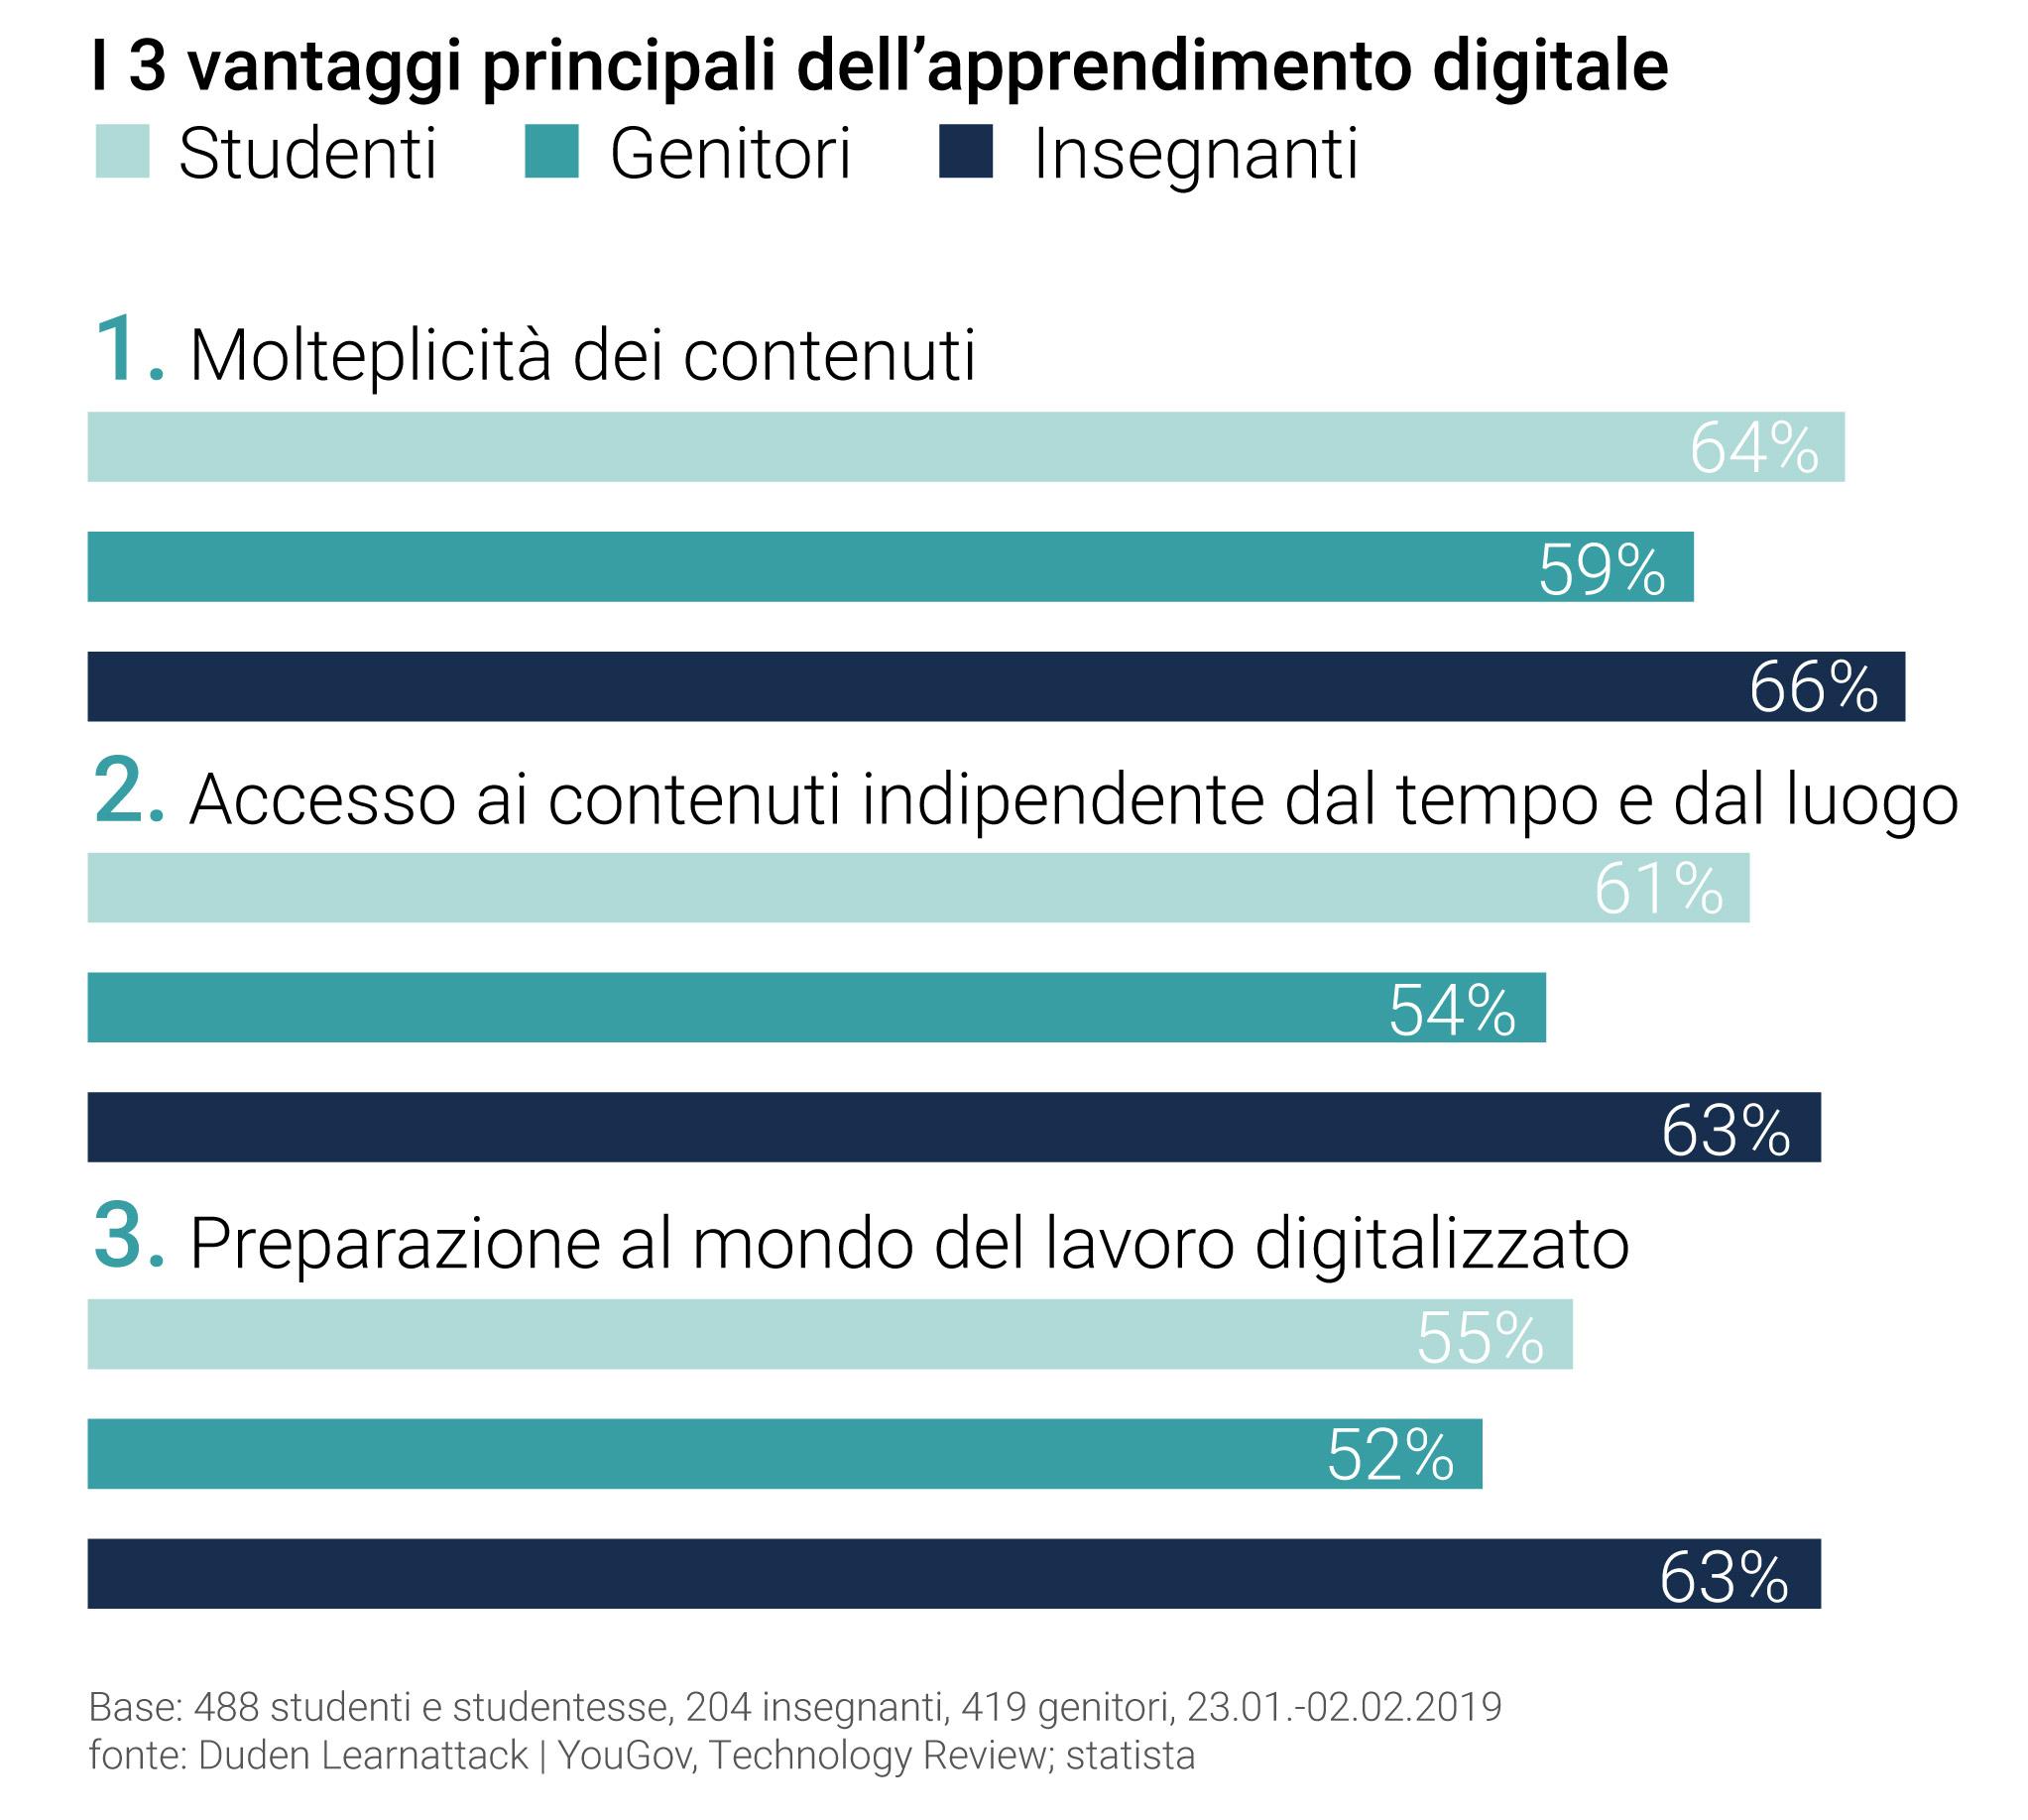 I 3 vantaggi principali dell'apprendimento digitale